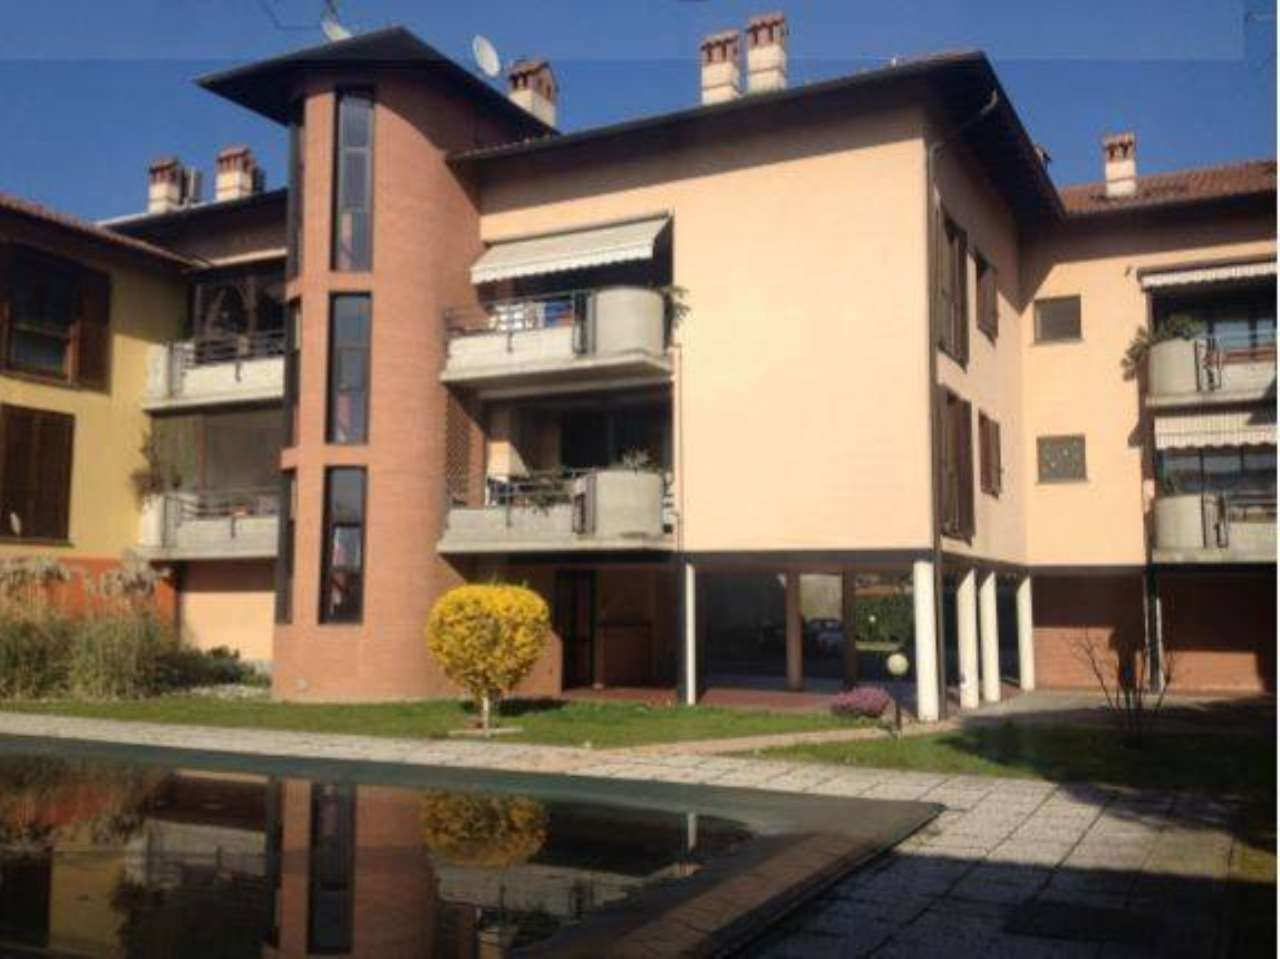 Appartamento in vendita a Bubbiano, 3 locali, prezzo € 69.997 | Cambio Casa.it